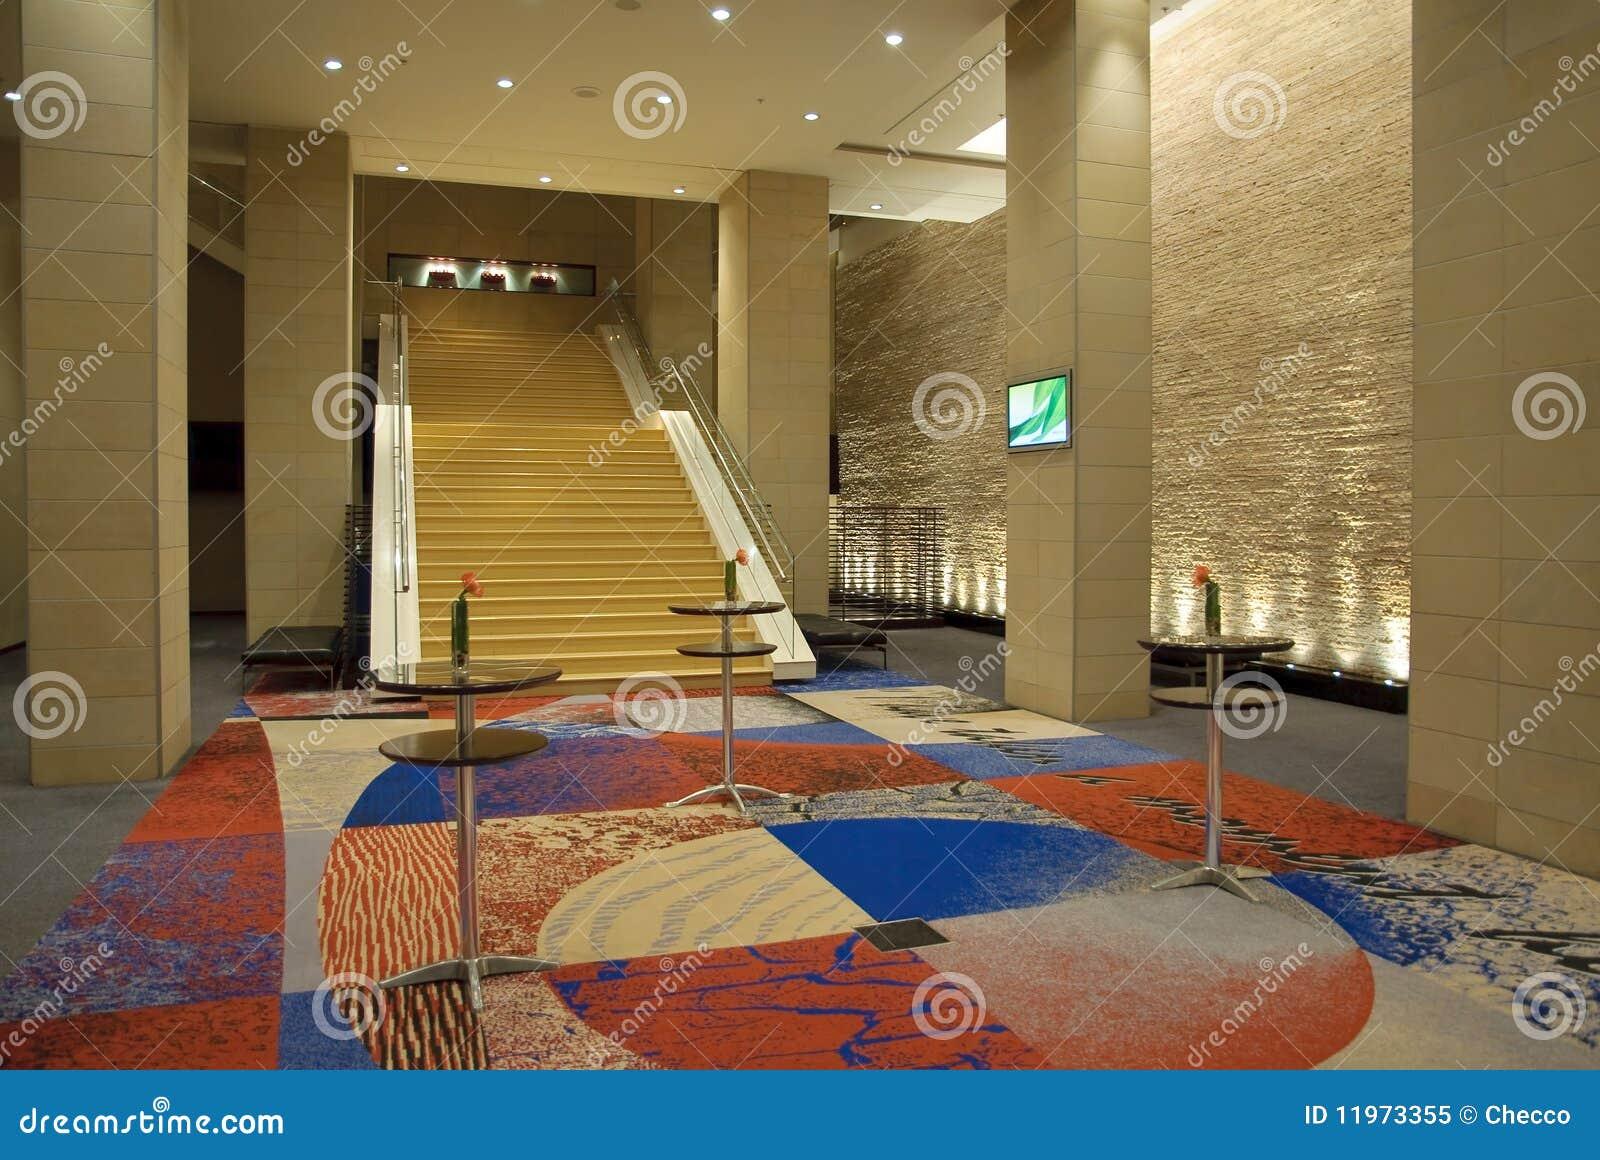 Interior moderno do hotel